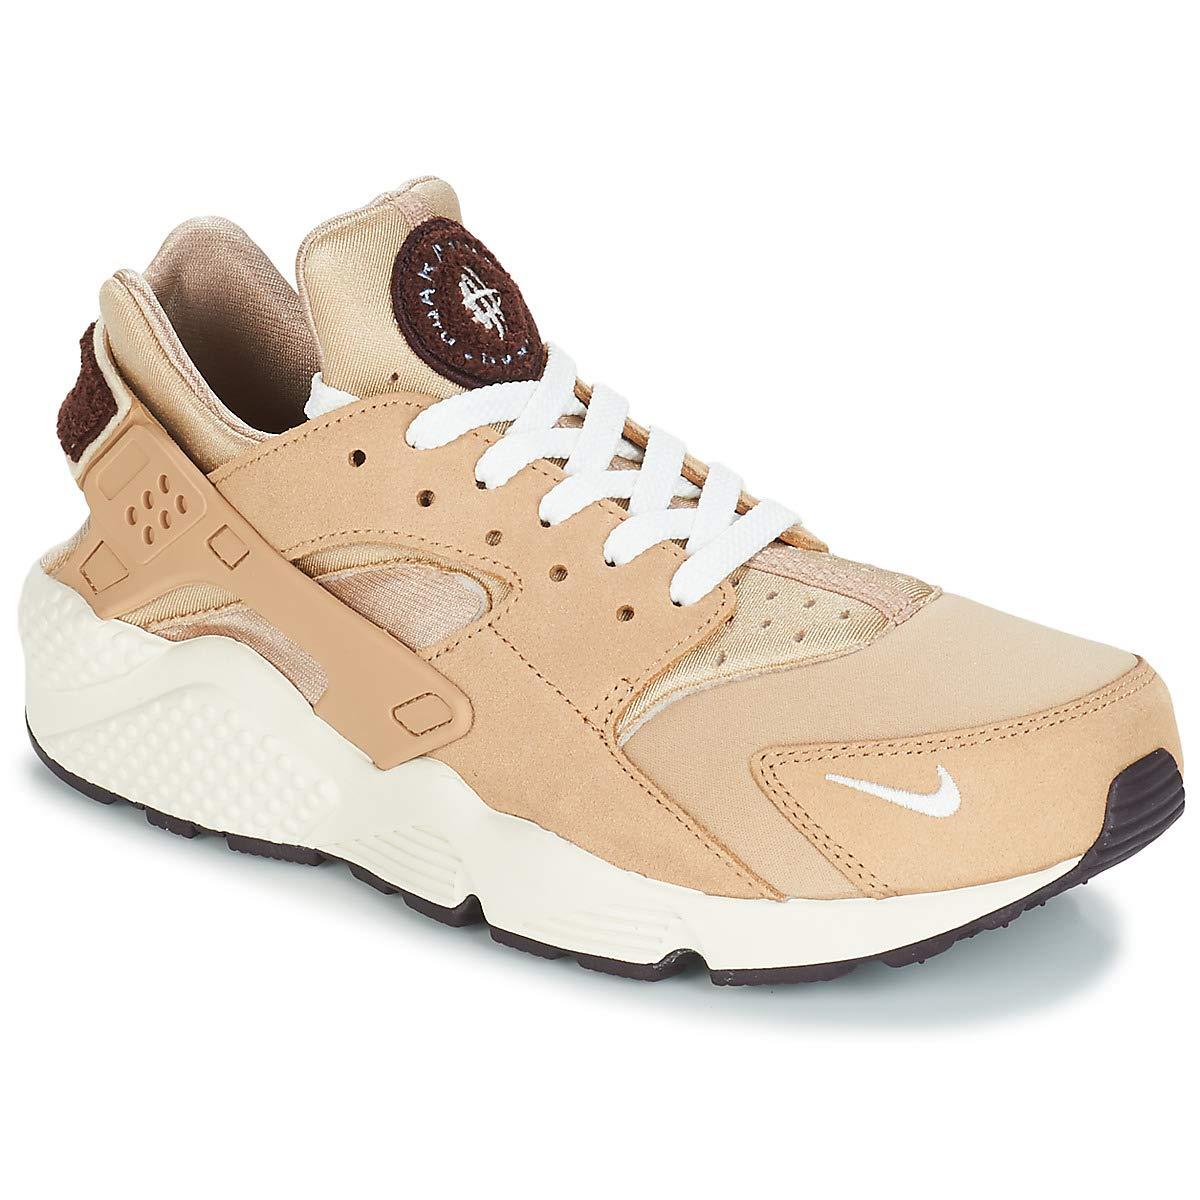 c5a93ae5d6c Galleon - NIKE Men s Air Huarache Run PRM Gymnastics Shoes